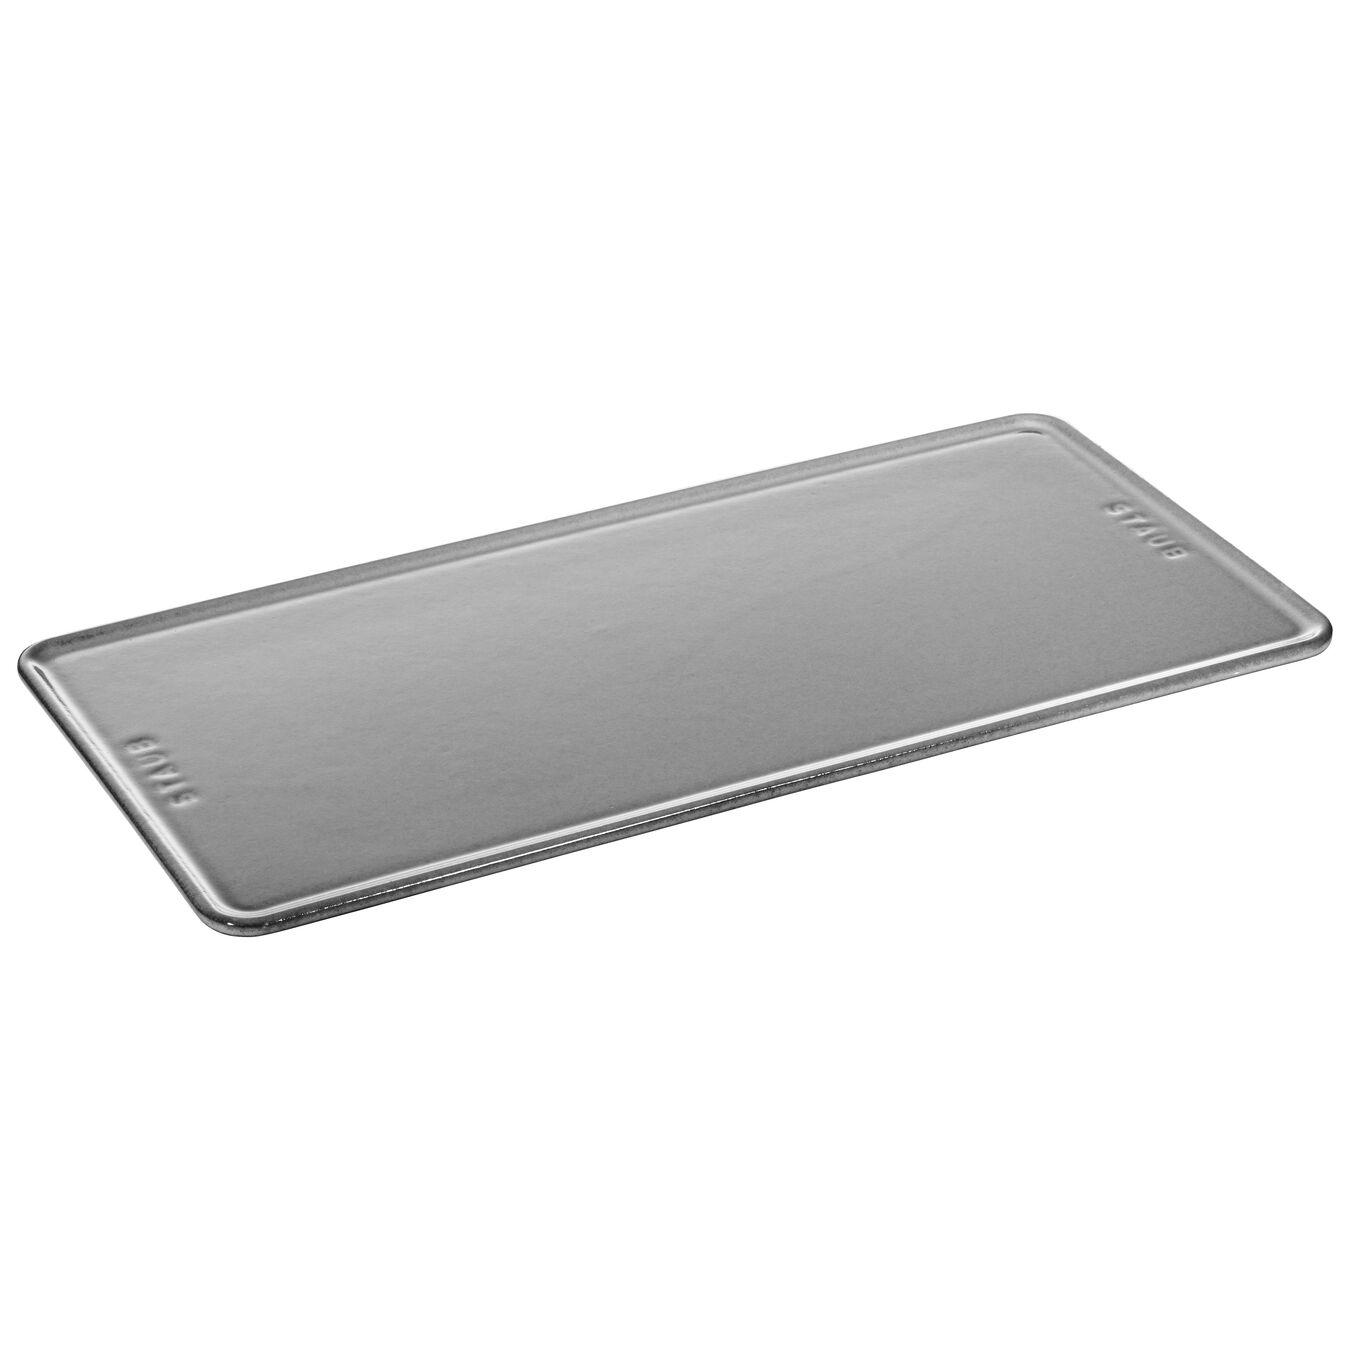 Piatto da servizio rettangolare - 25 cm x 12 cm, grigio grafite,,large 1